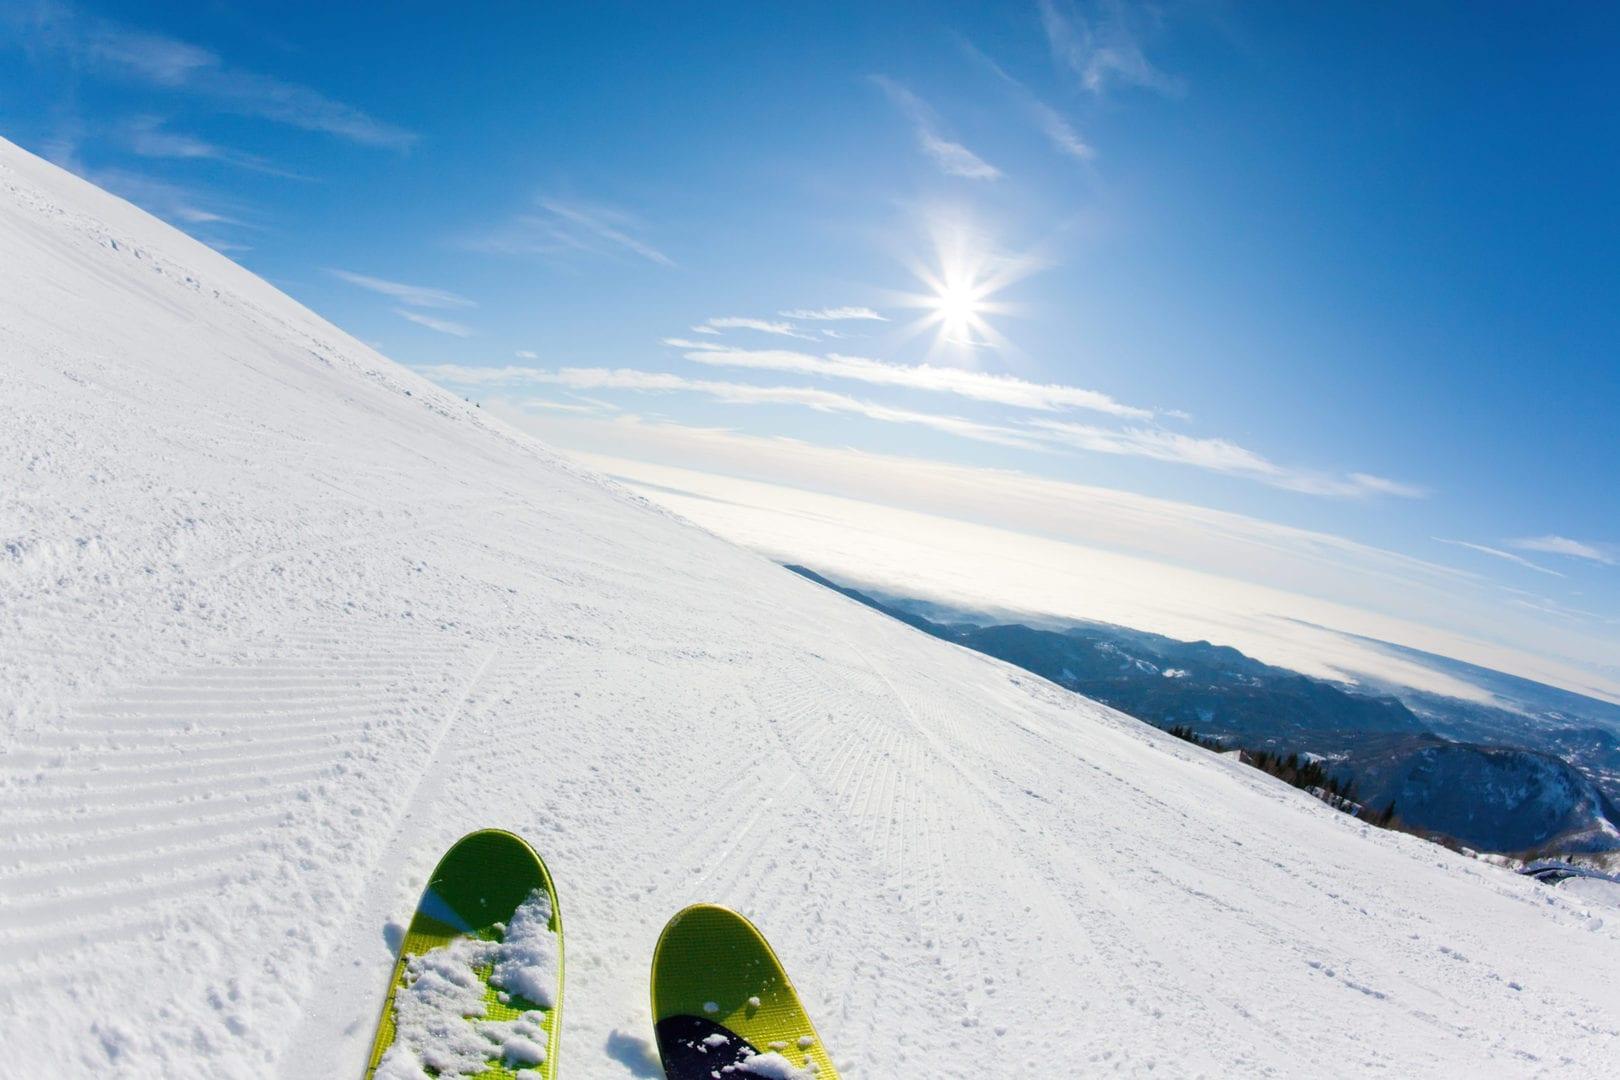 Paesaggi emozionanti sulle piste della skiarea di livigno